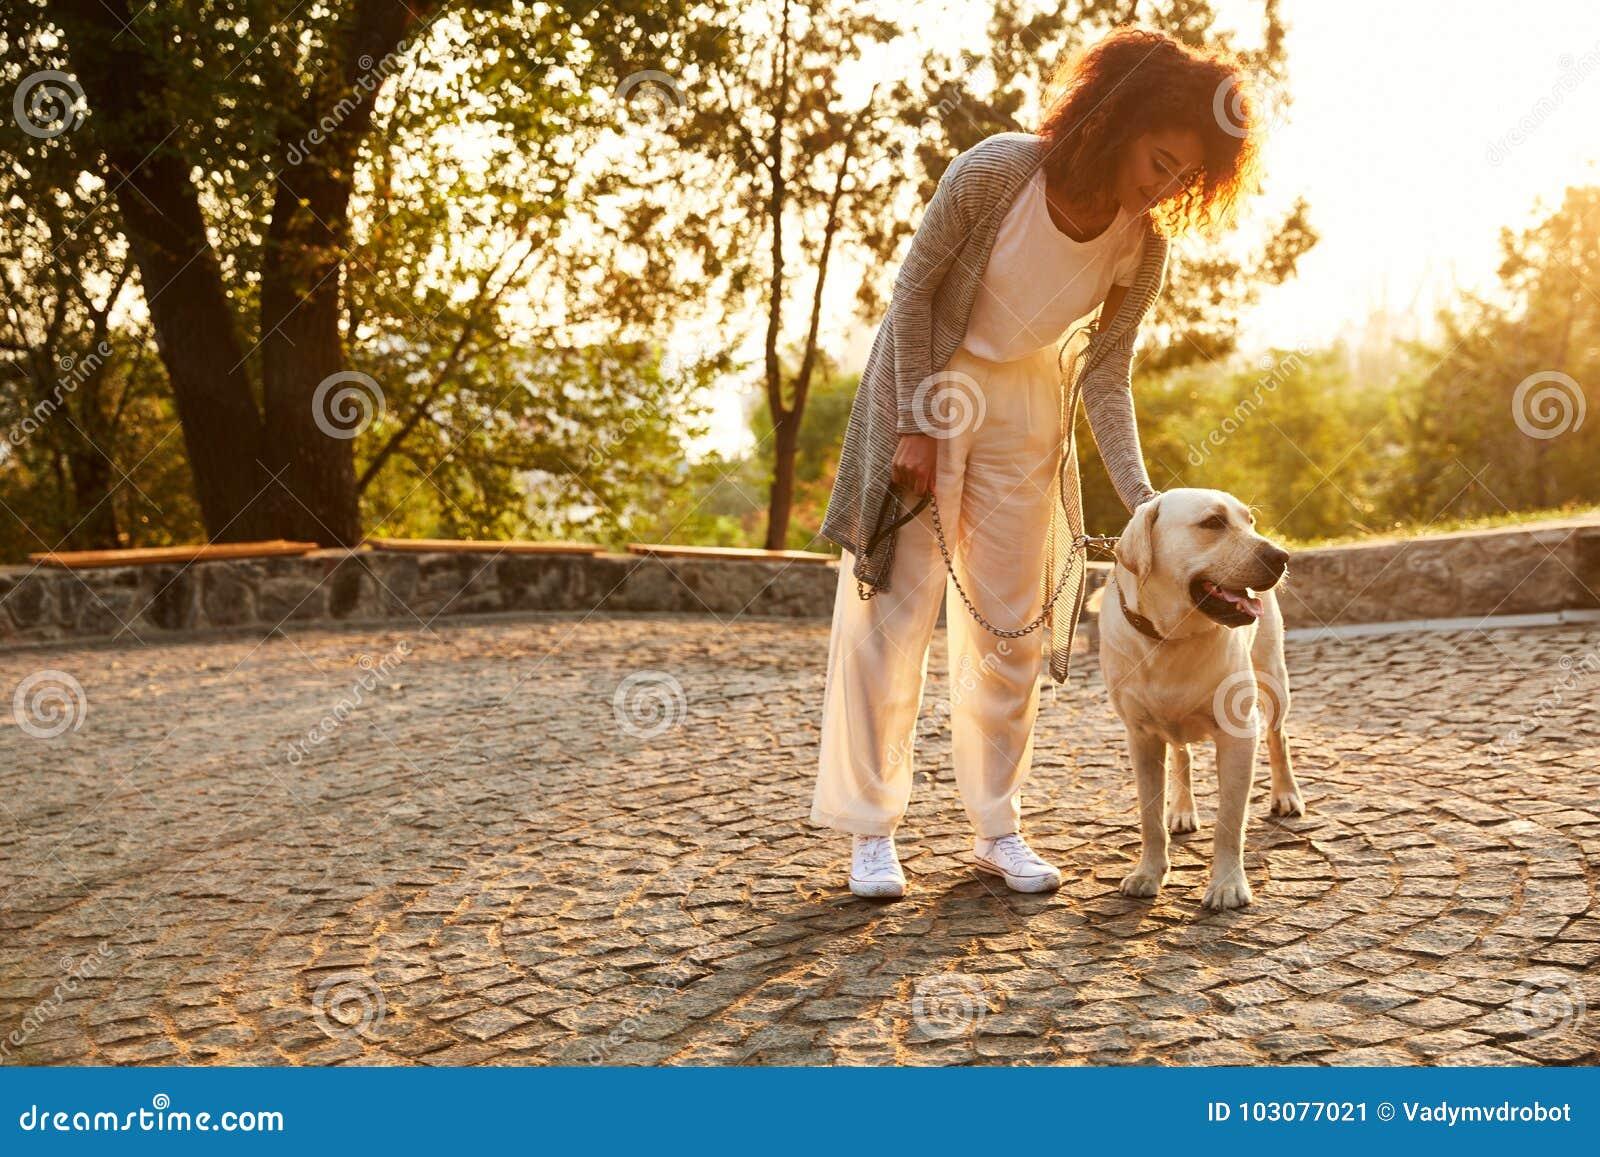 Νέα χαμογελώντας κυρία στα περιστασιακά ενδύματα που κάθονται και που αγκαλιάζουν το σκυλί στο πάρκο